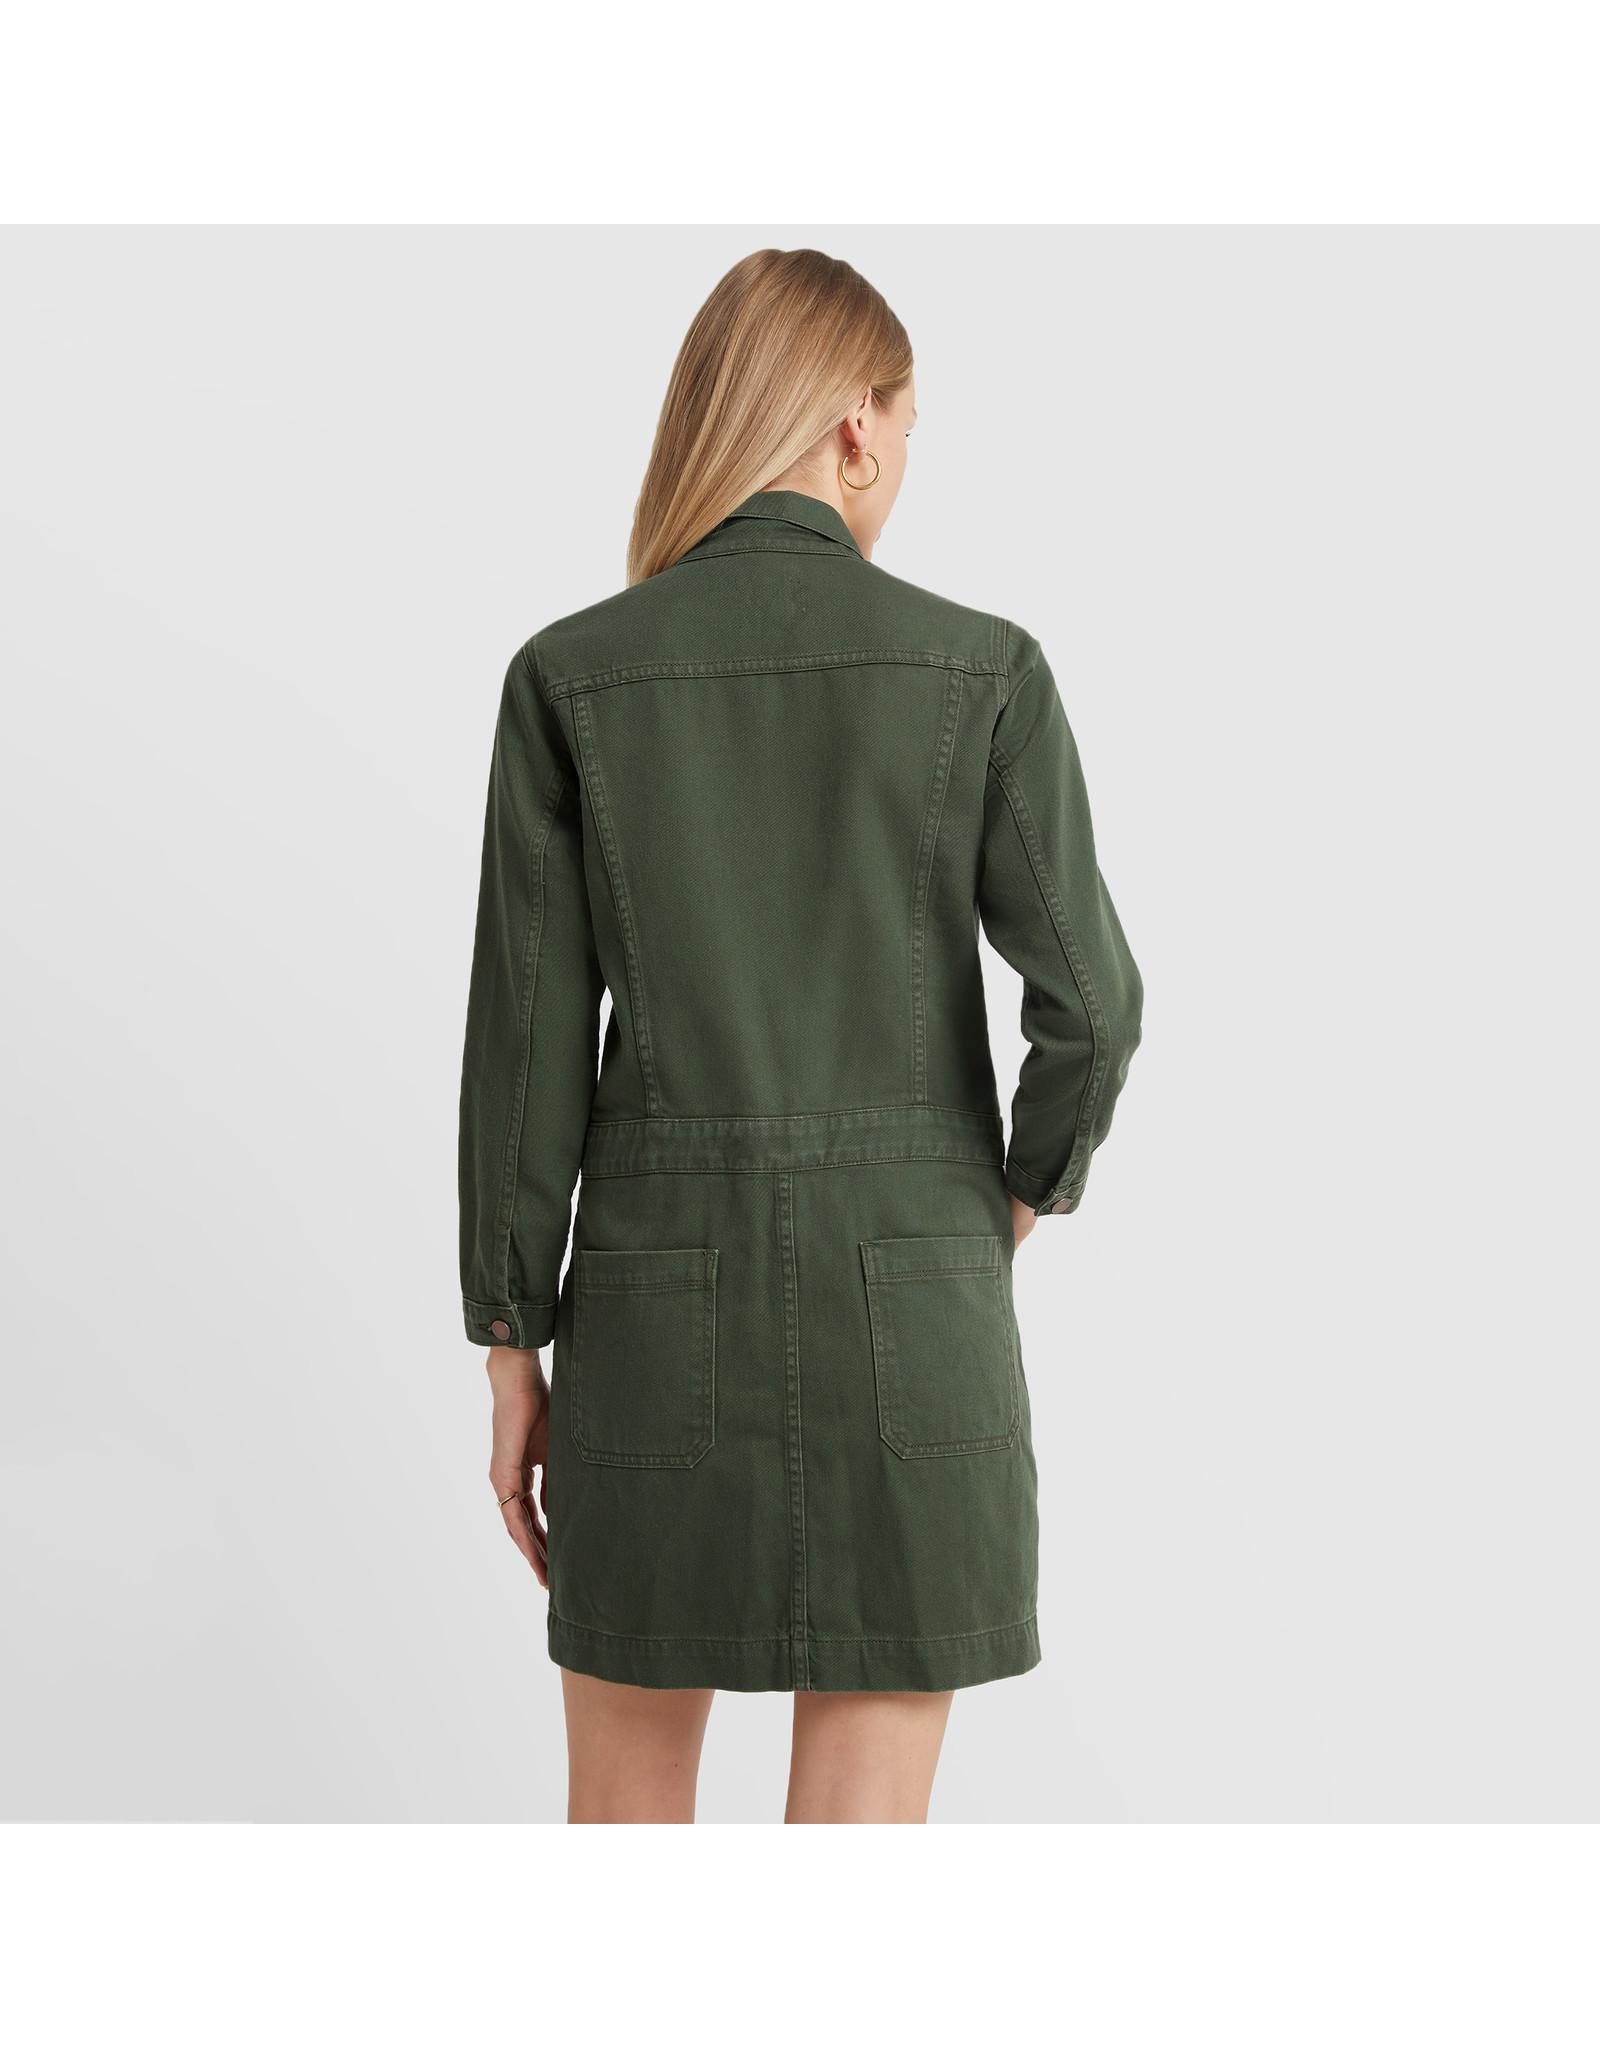 G. Label G. Label Bishop Jean Jacket Dress (Color: Army Green, Size:L)